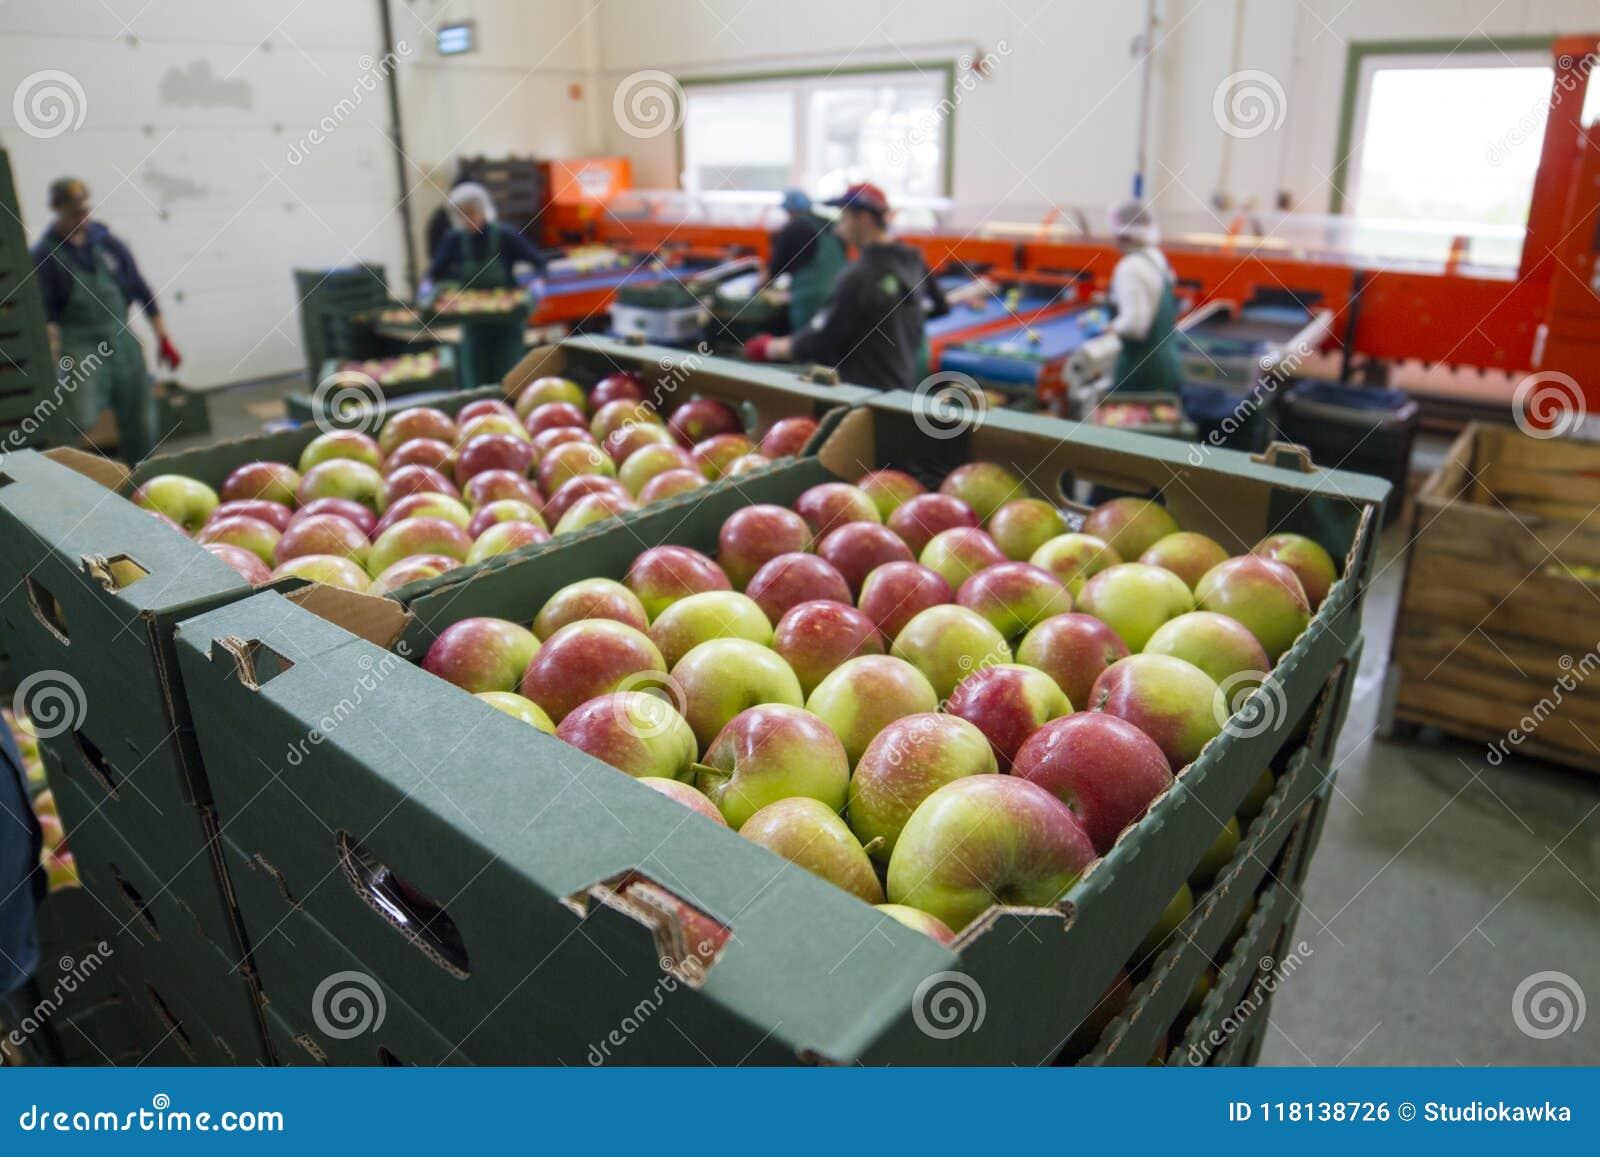 Εργοστάσιο επεξεργασίας φρούτων, Πολωνία, Lubelskie, 08 2014